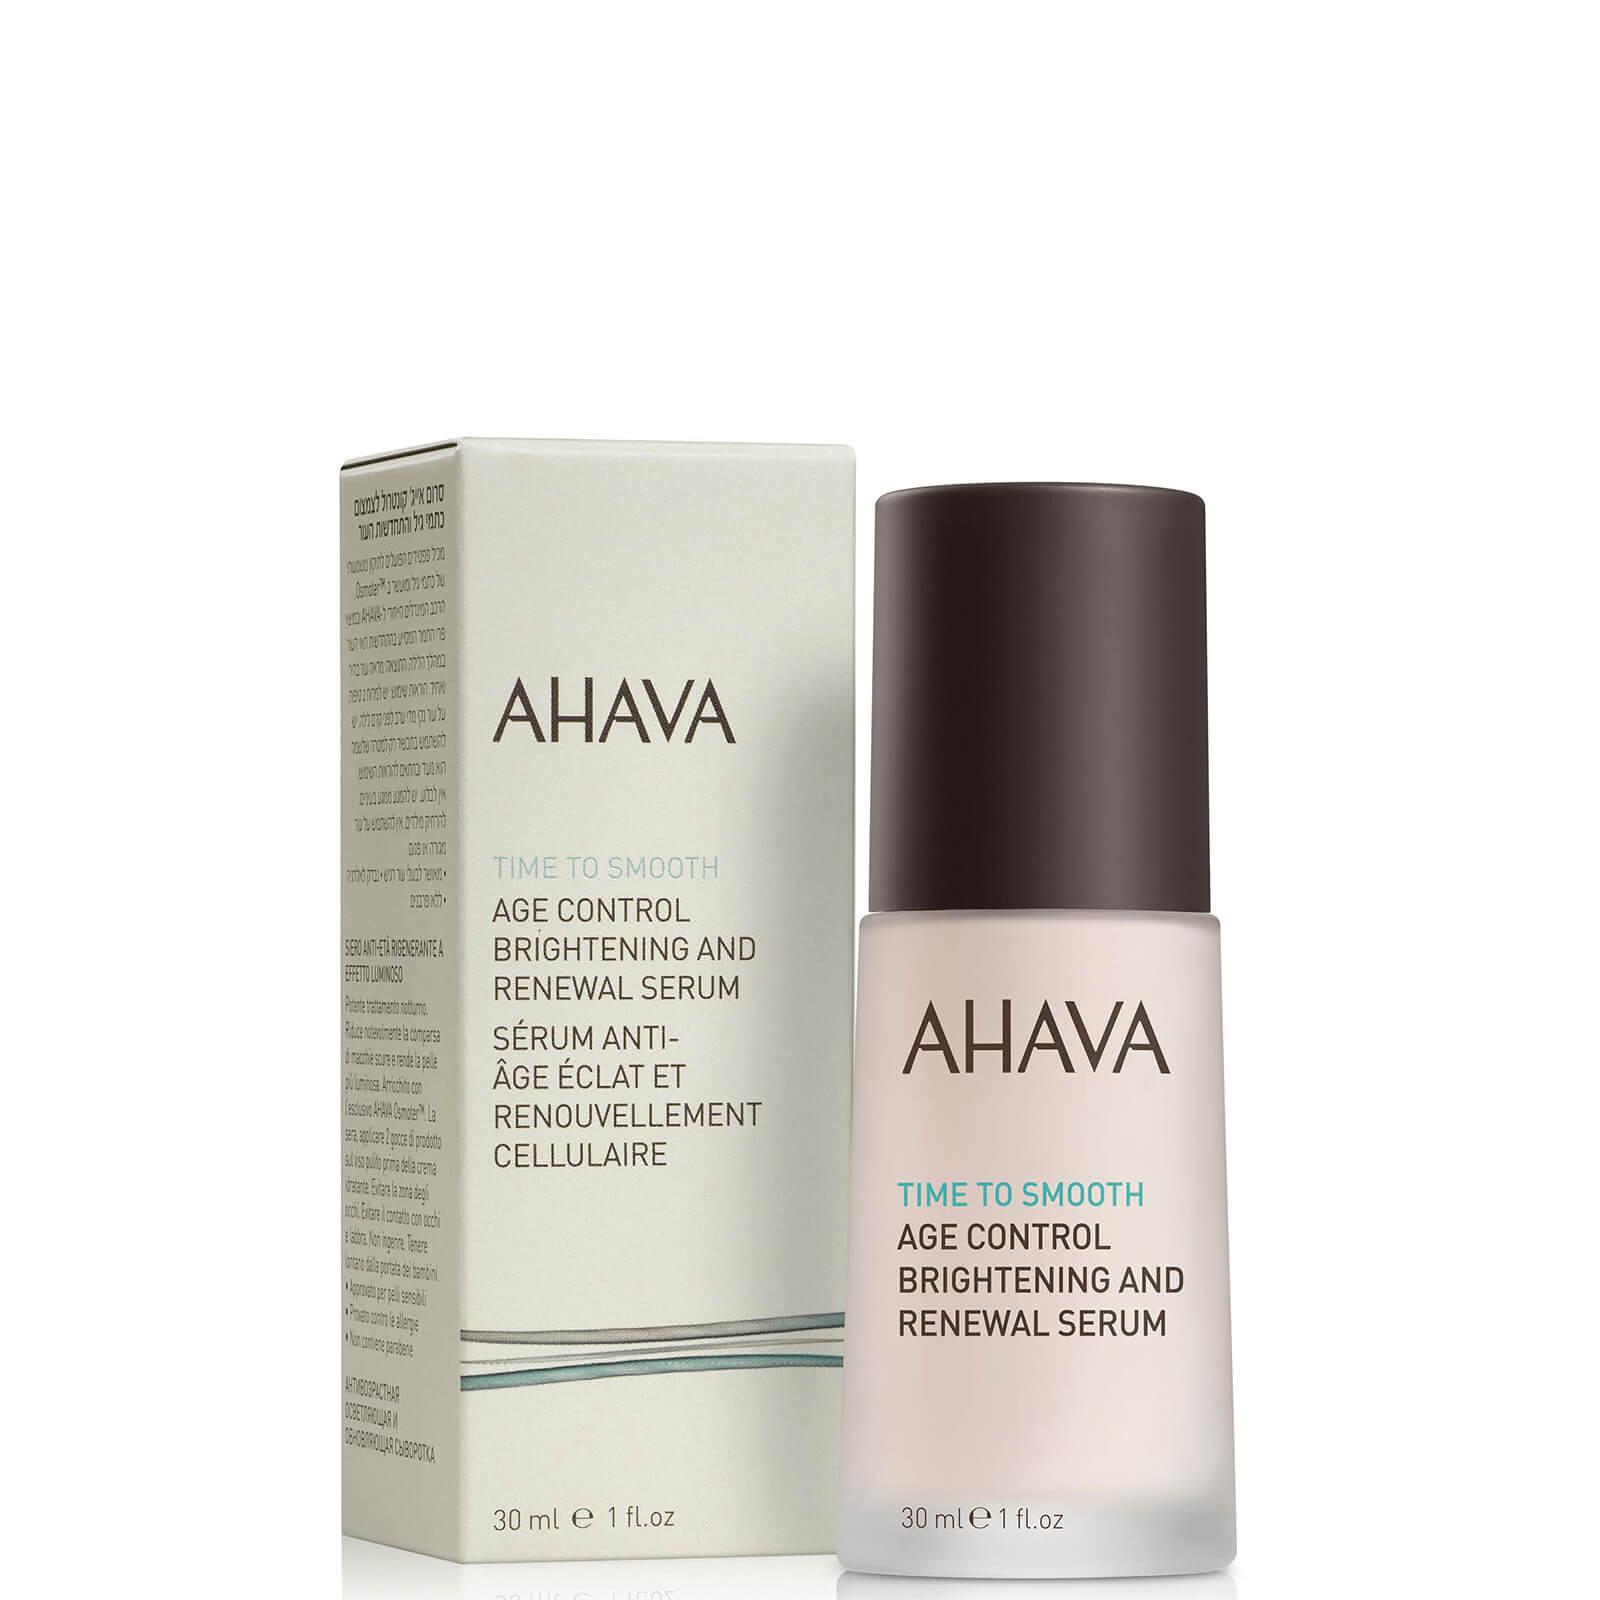 Купить Ночная восстанавливающая и выравнивающая тон кожи антивозрастная сыворотка AHAVA Age Control Brightening and Renewal Serum 30мл